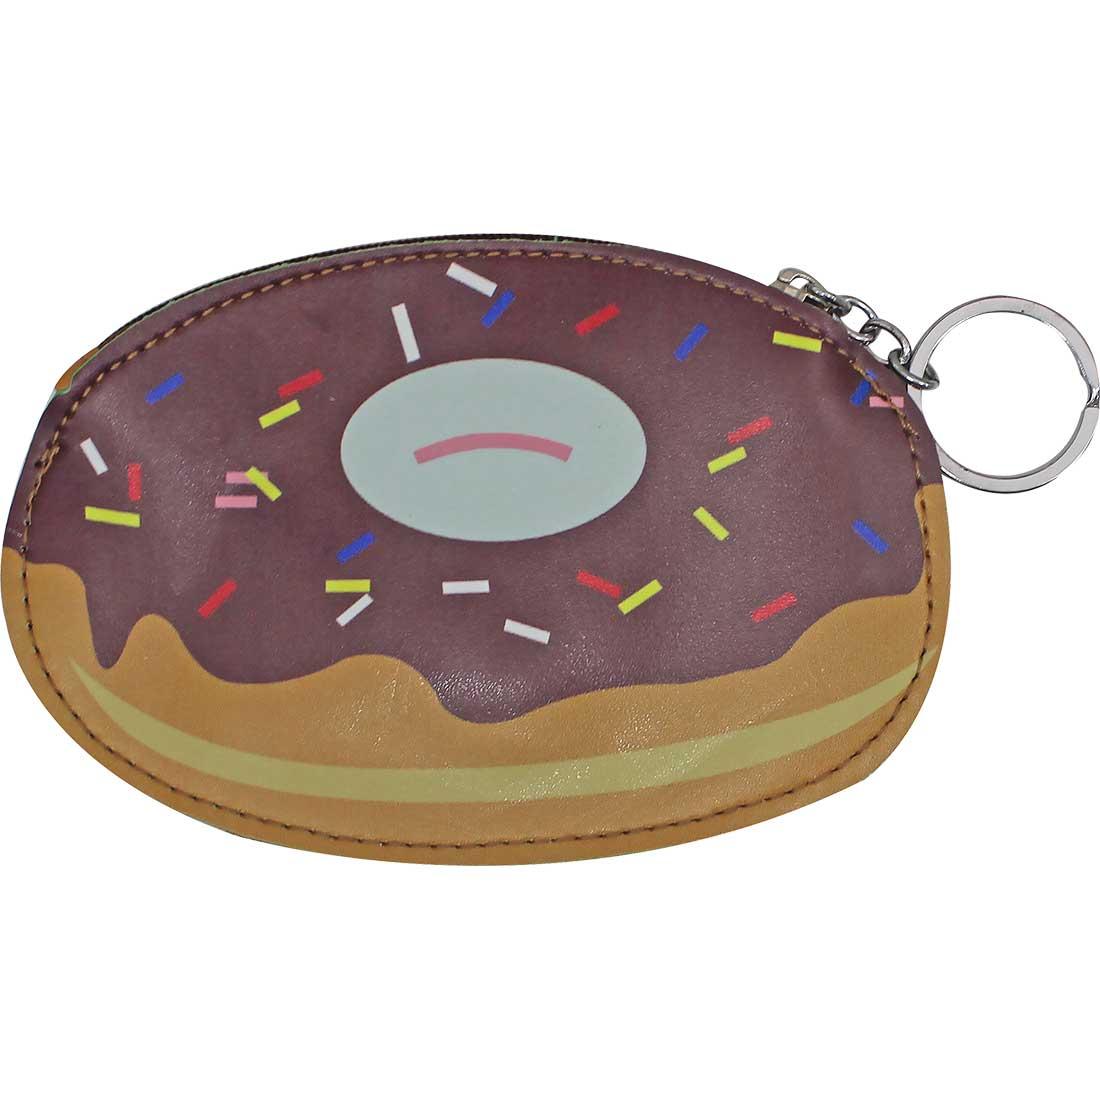 Porta Moedas Chaveiro Donut - Marrom e Bege